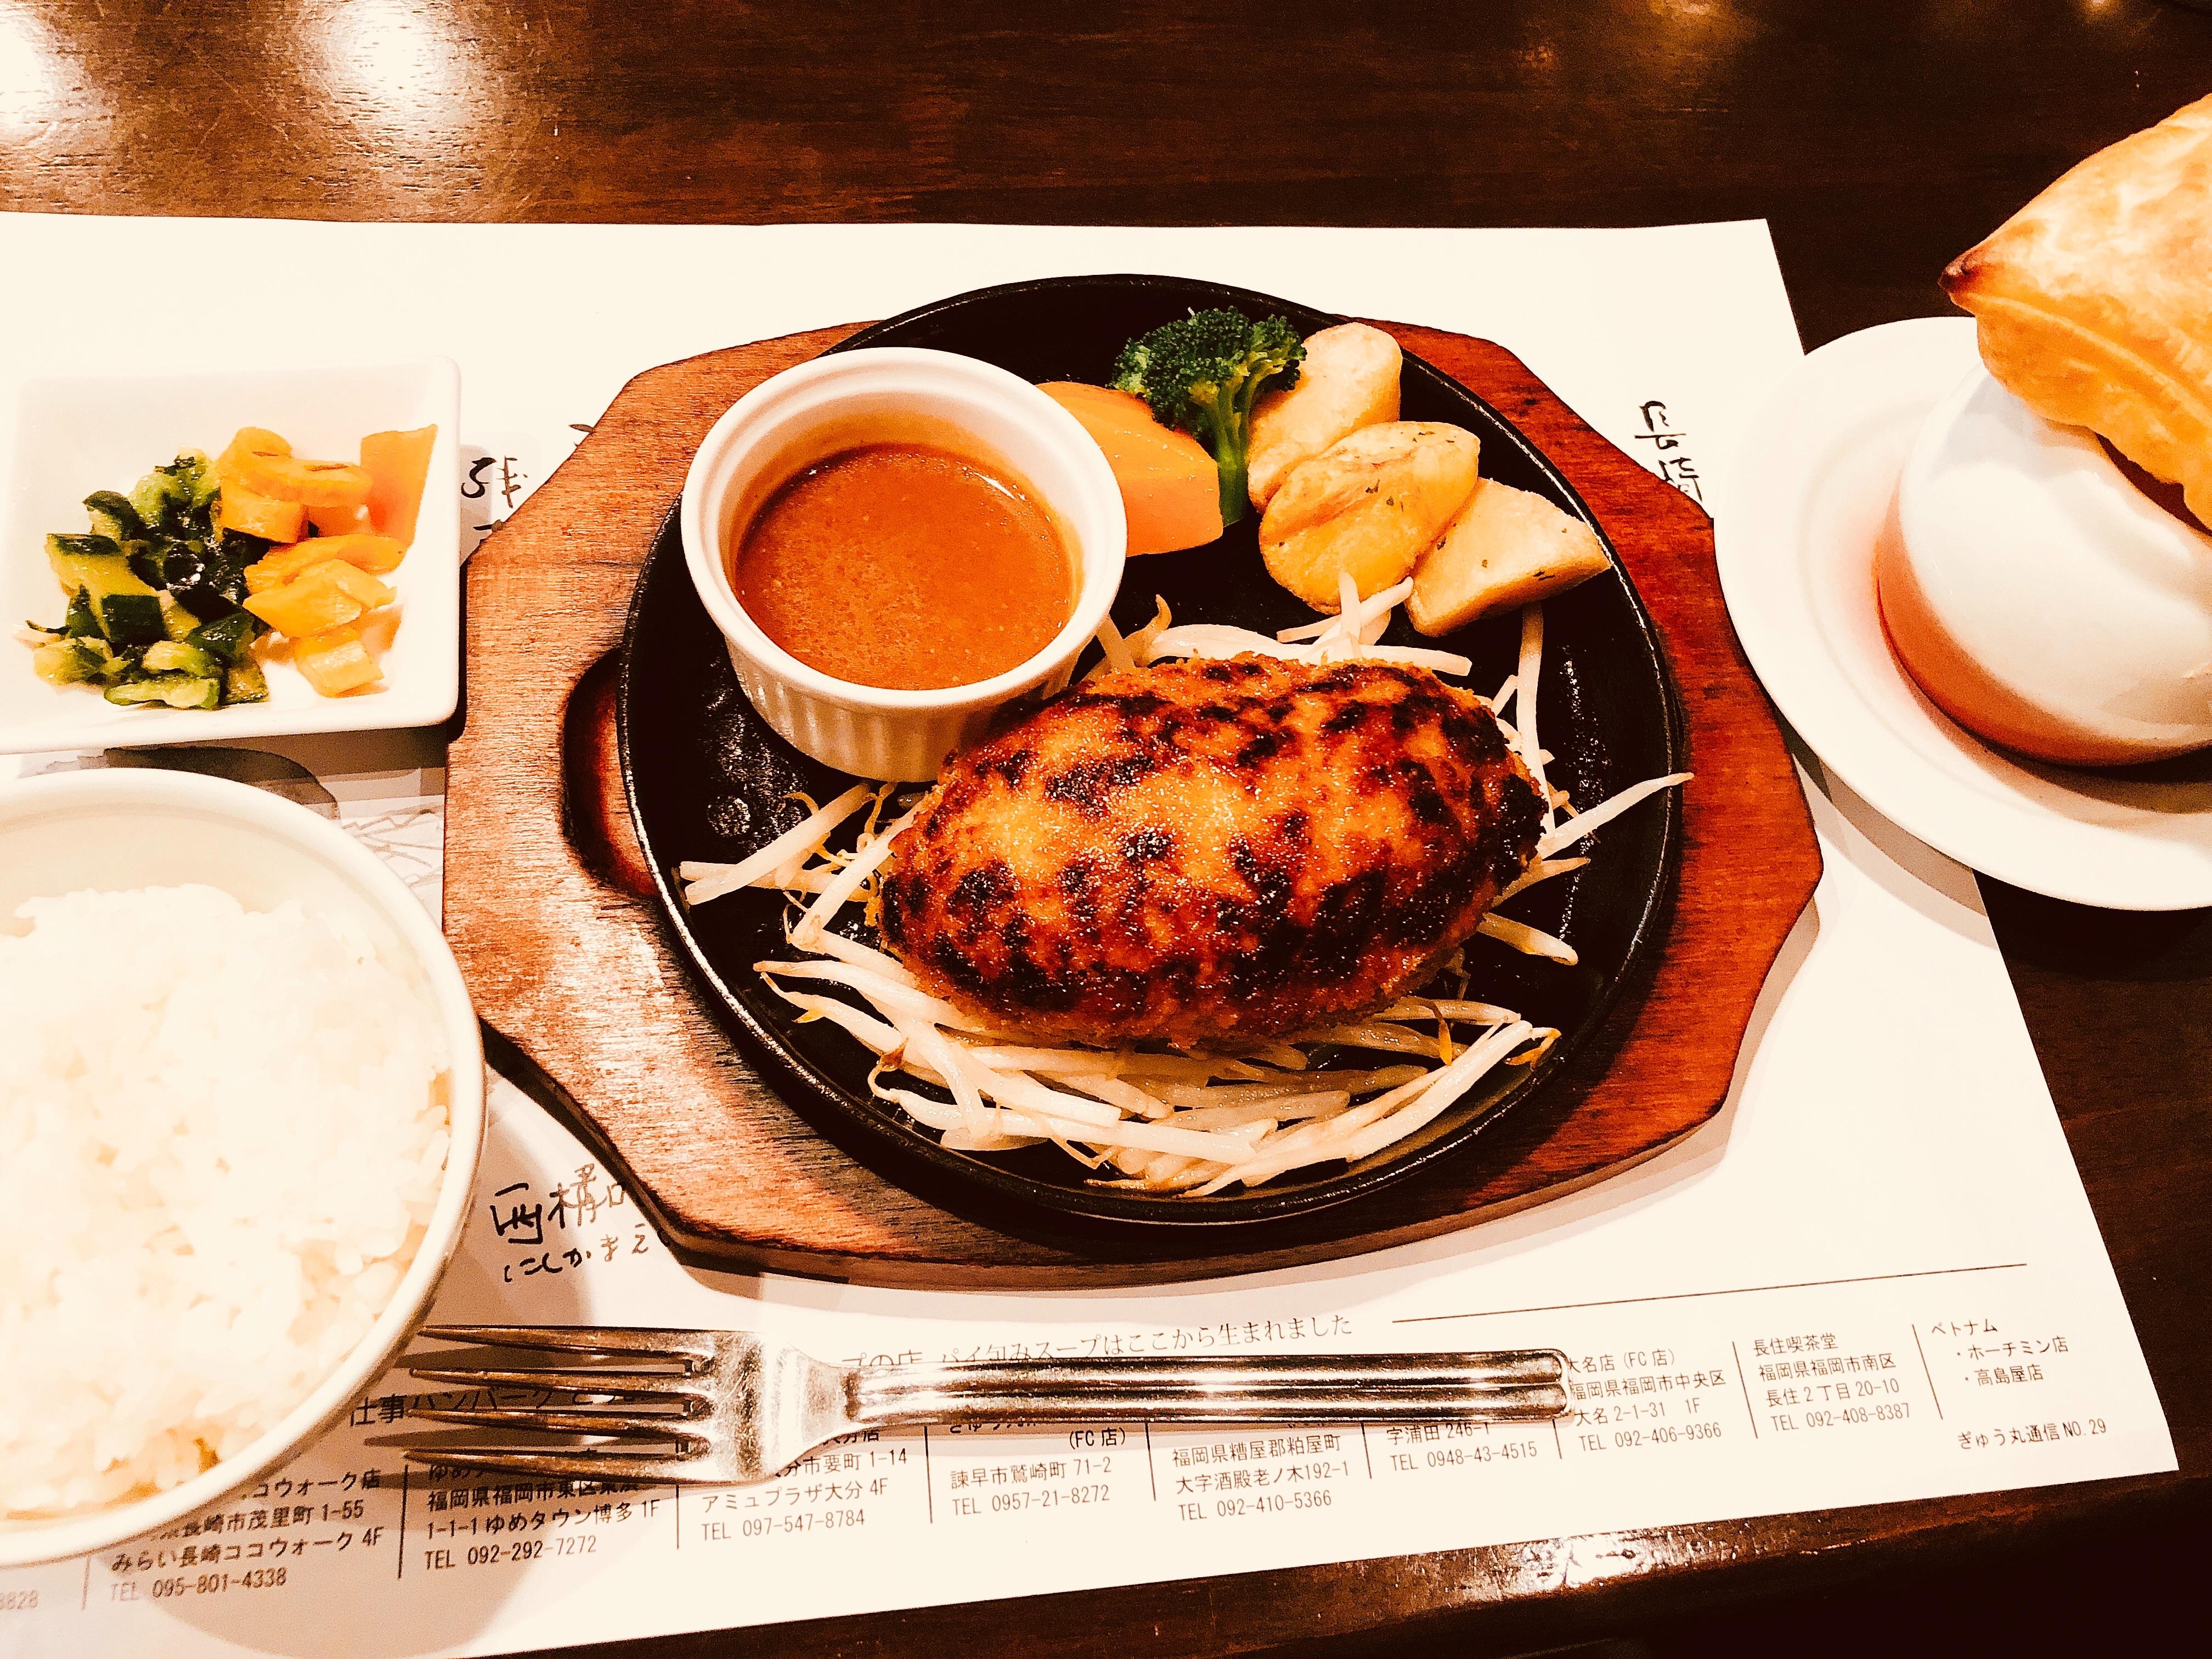 f:id:allergy_nagasakikko:20180506172305j:image